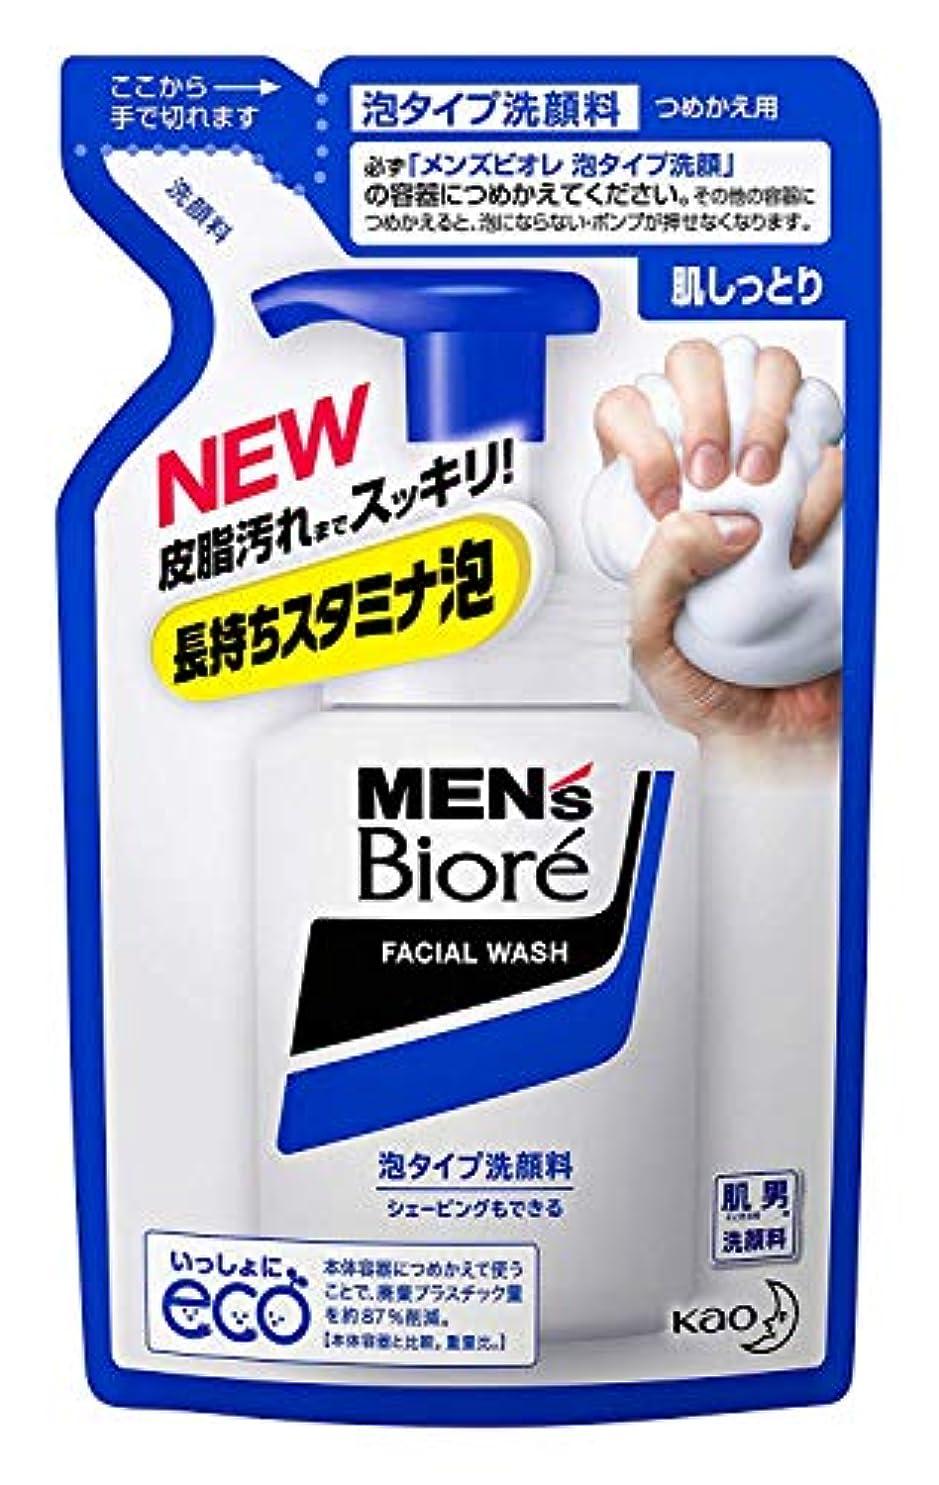 払い戻しトレード決めます【花王】メンズビオレ 泡タイプ洗顔 詰替 (130g) ×5個セット